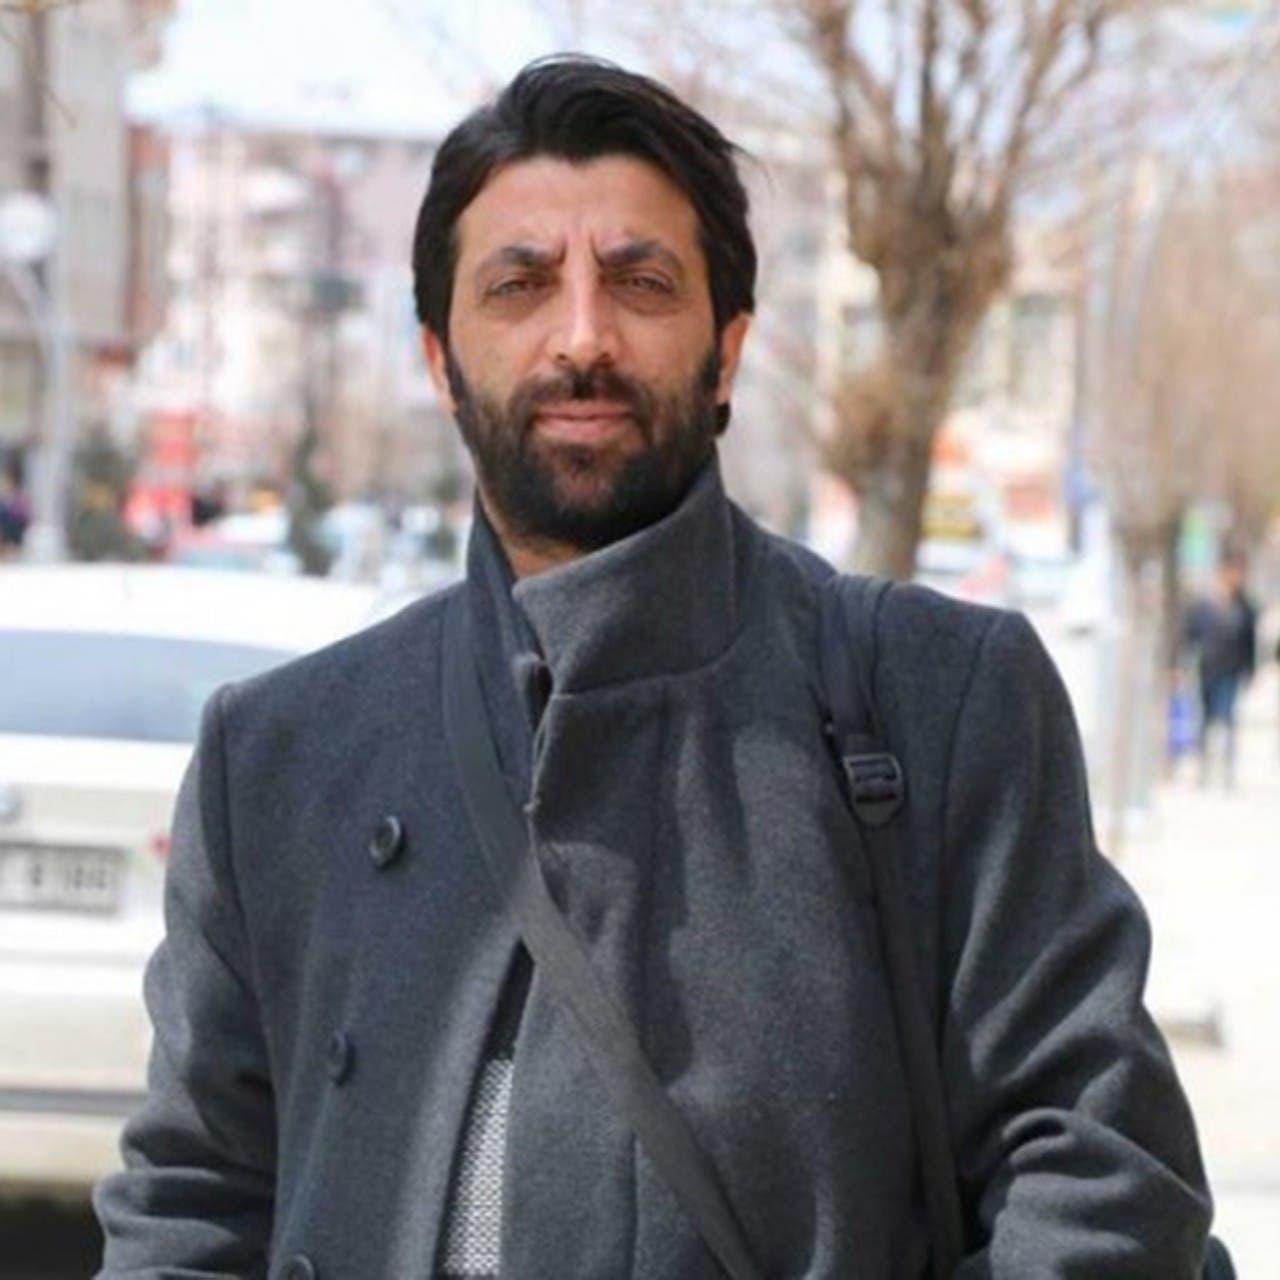 صحافي تركي انتقد مسلسلات تاريخية.. فاعتقلته الشرطة